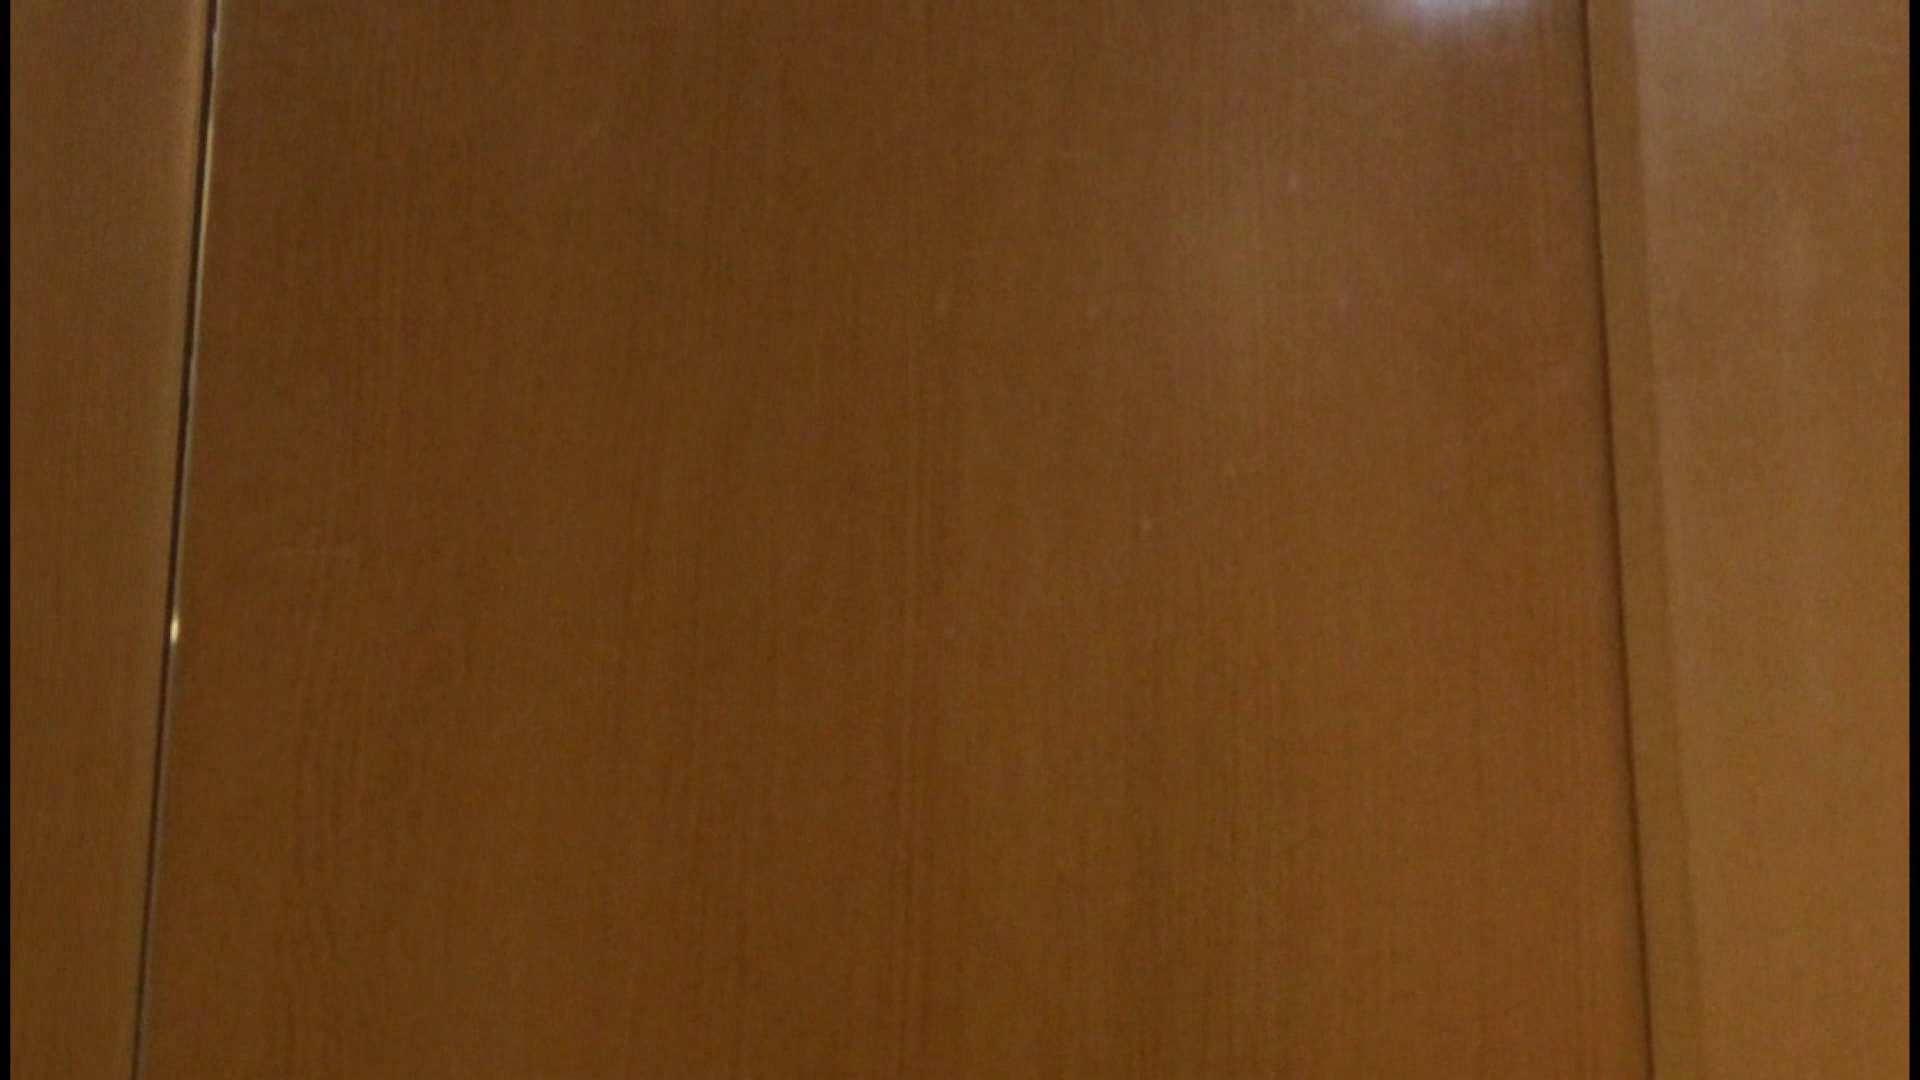 「噂」の国の厠観察日記2 Vol.08 OLハメ撮り  111Pix 16